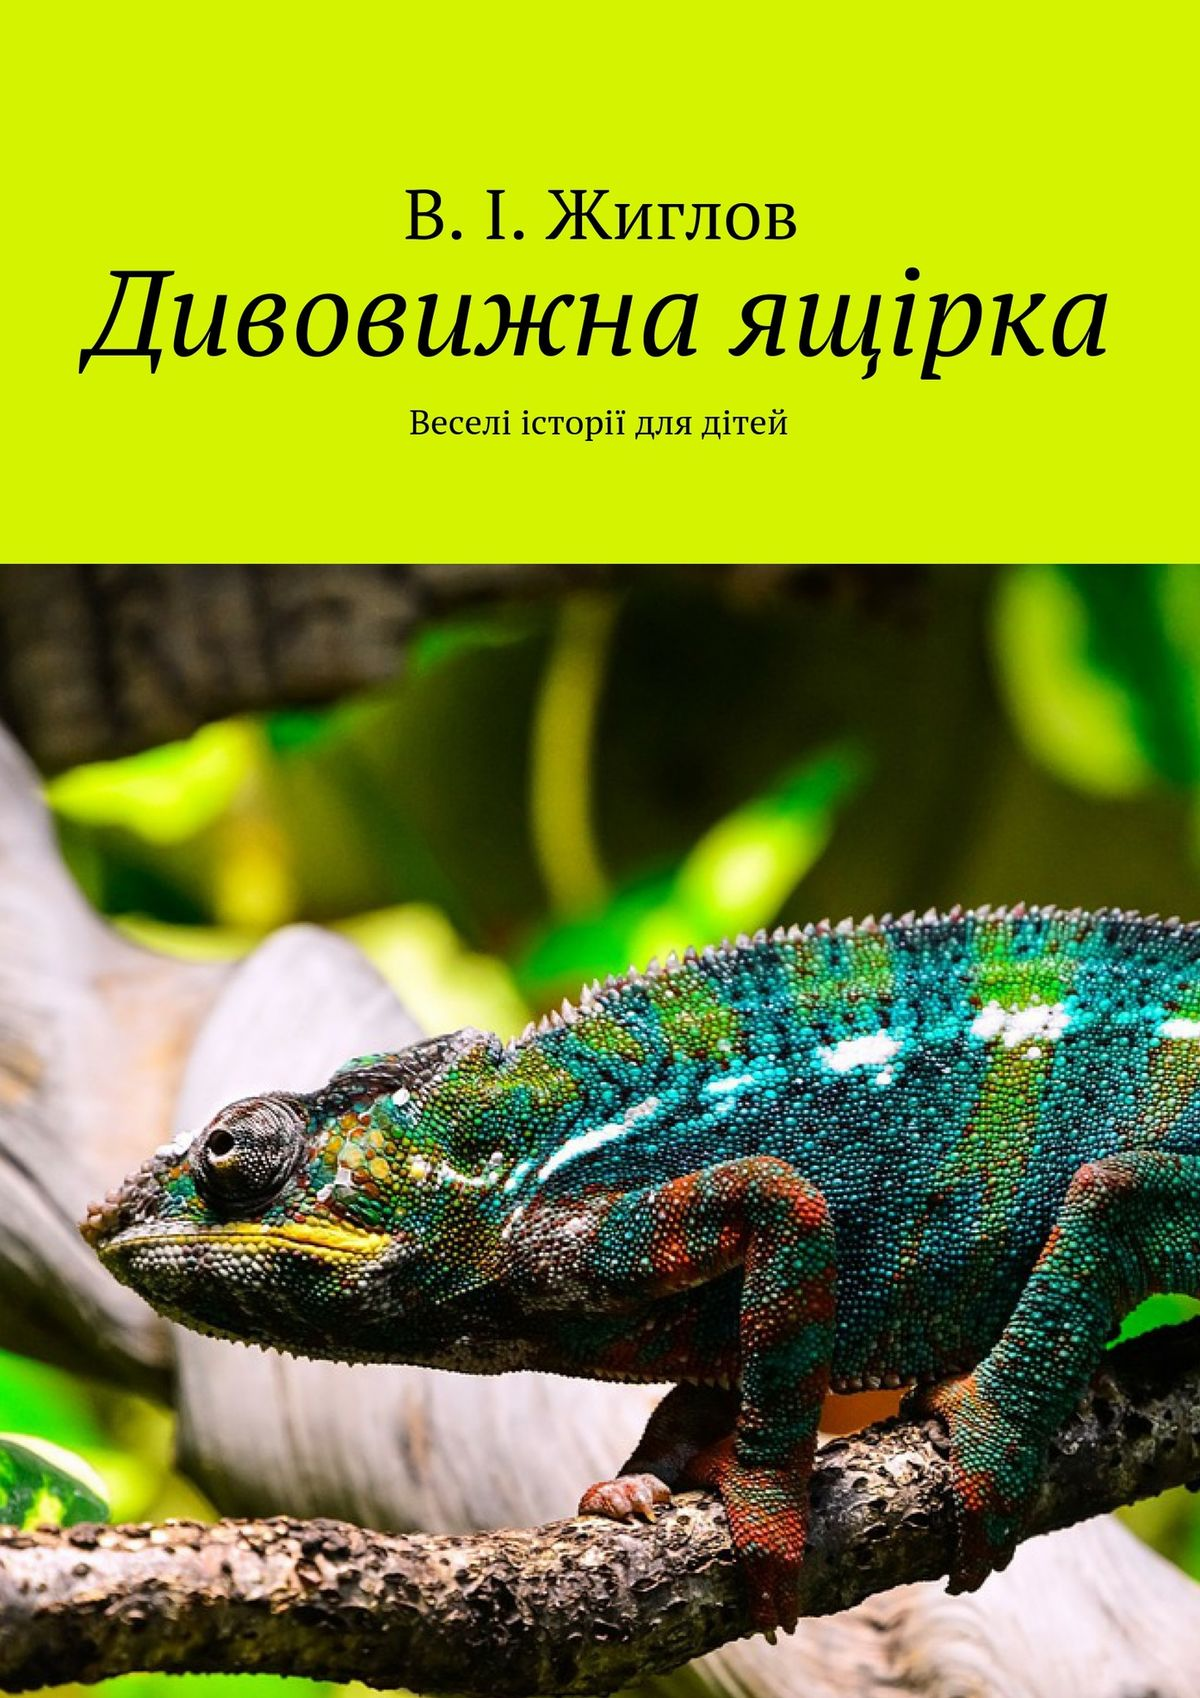 В. И. Жиглов Дивовижна ящірка. Веселі історії для дітей в и жиглов наш срібний ставок